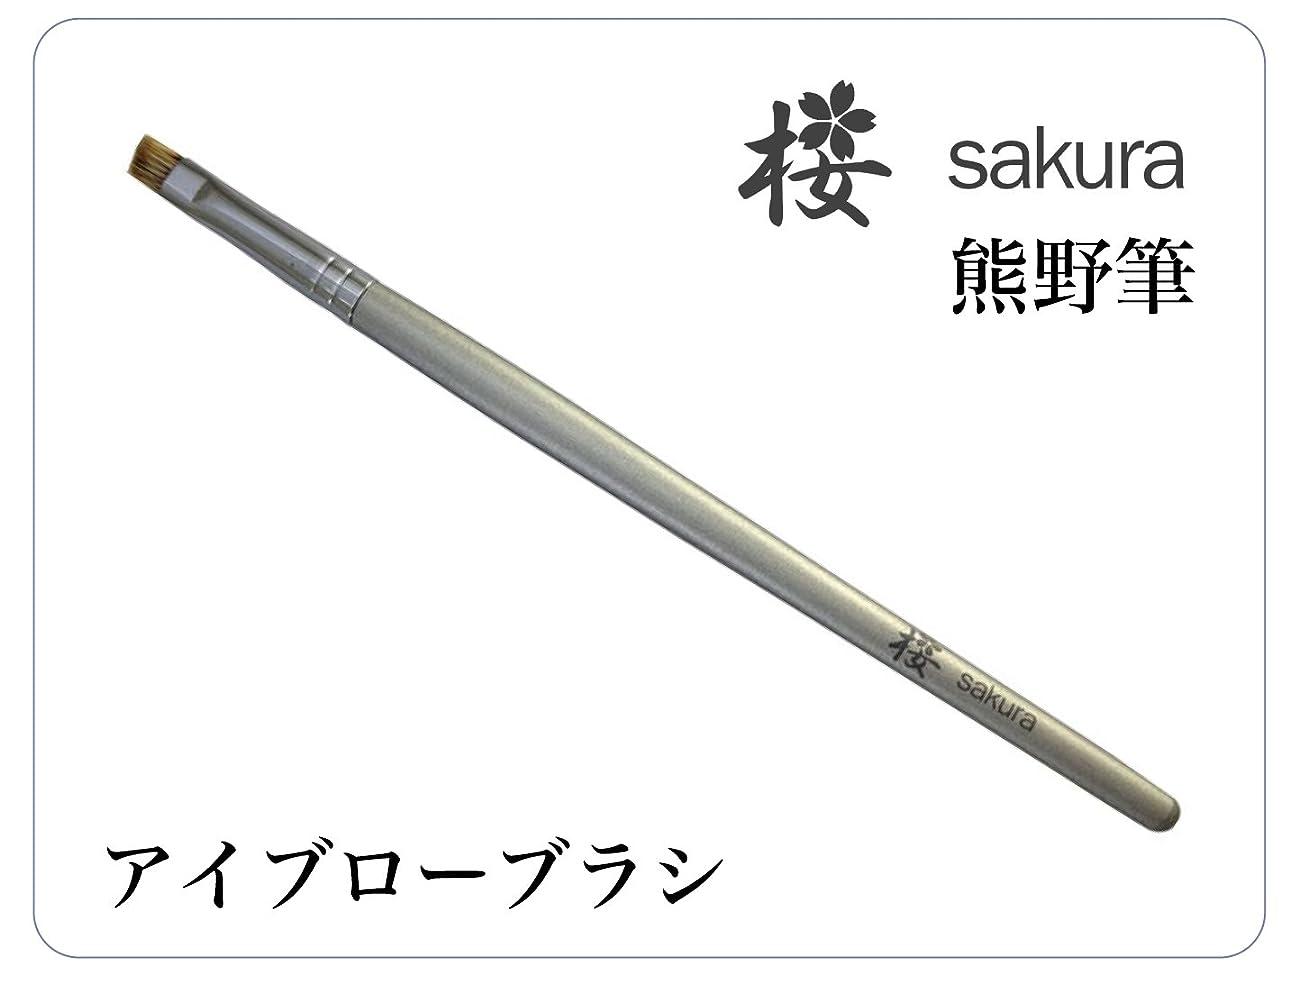 ナイトスポット吐き出す摘む熊野筆(アイブローブラシ) メイクブラシ 桜シリーズ